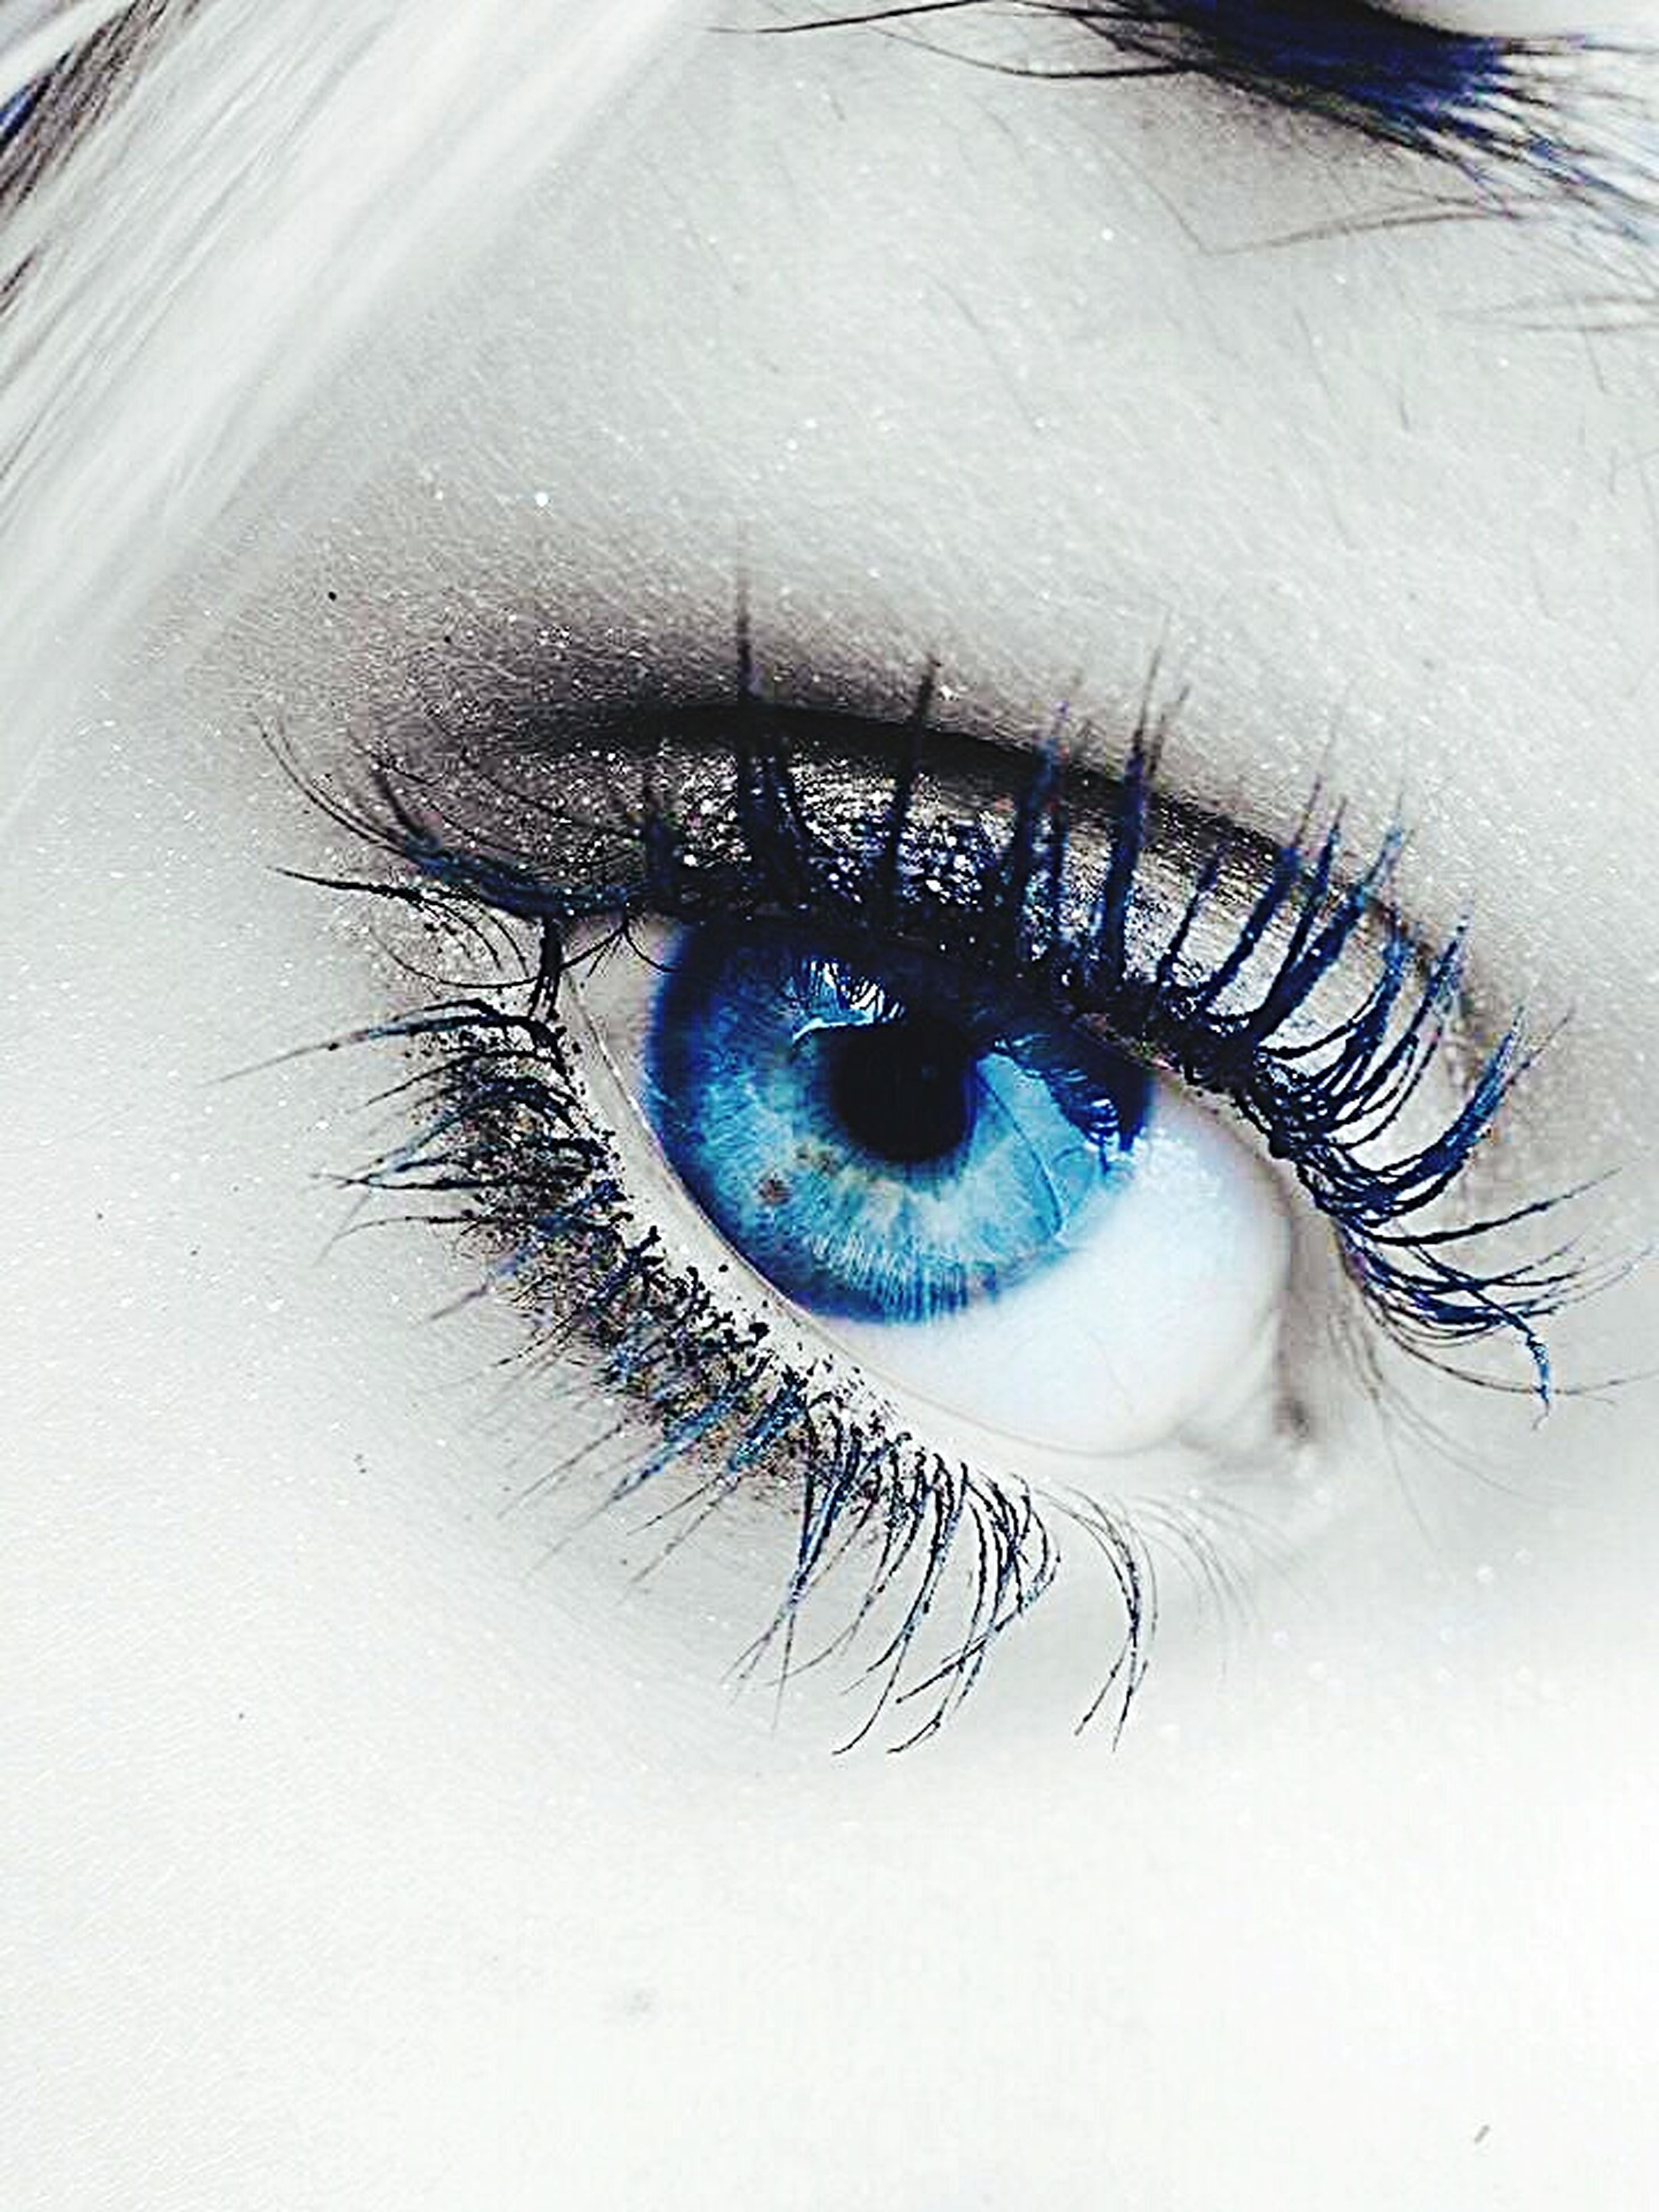 human eye, eyesight, eyelash, sensory perception, close-up, eyeball, part of, iris - eye, looking at camera, portrait, extreme close-up, unrecognizable person, human skin, extreme close up, vision, person, detail